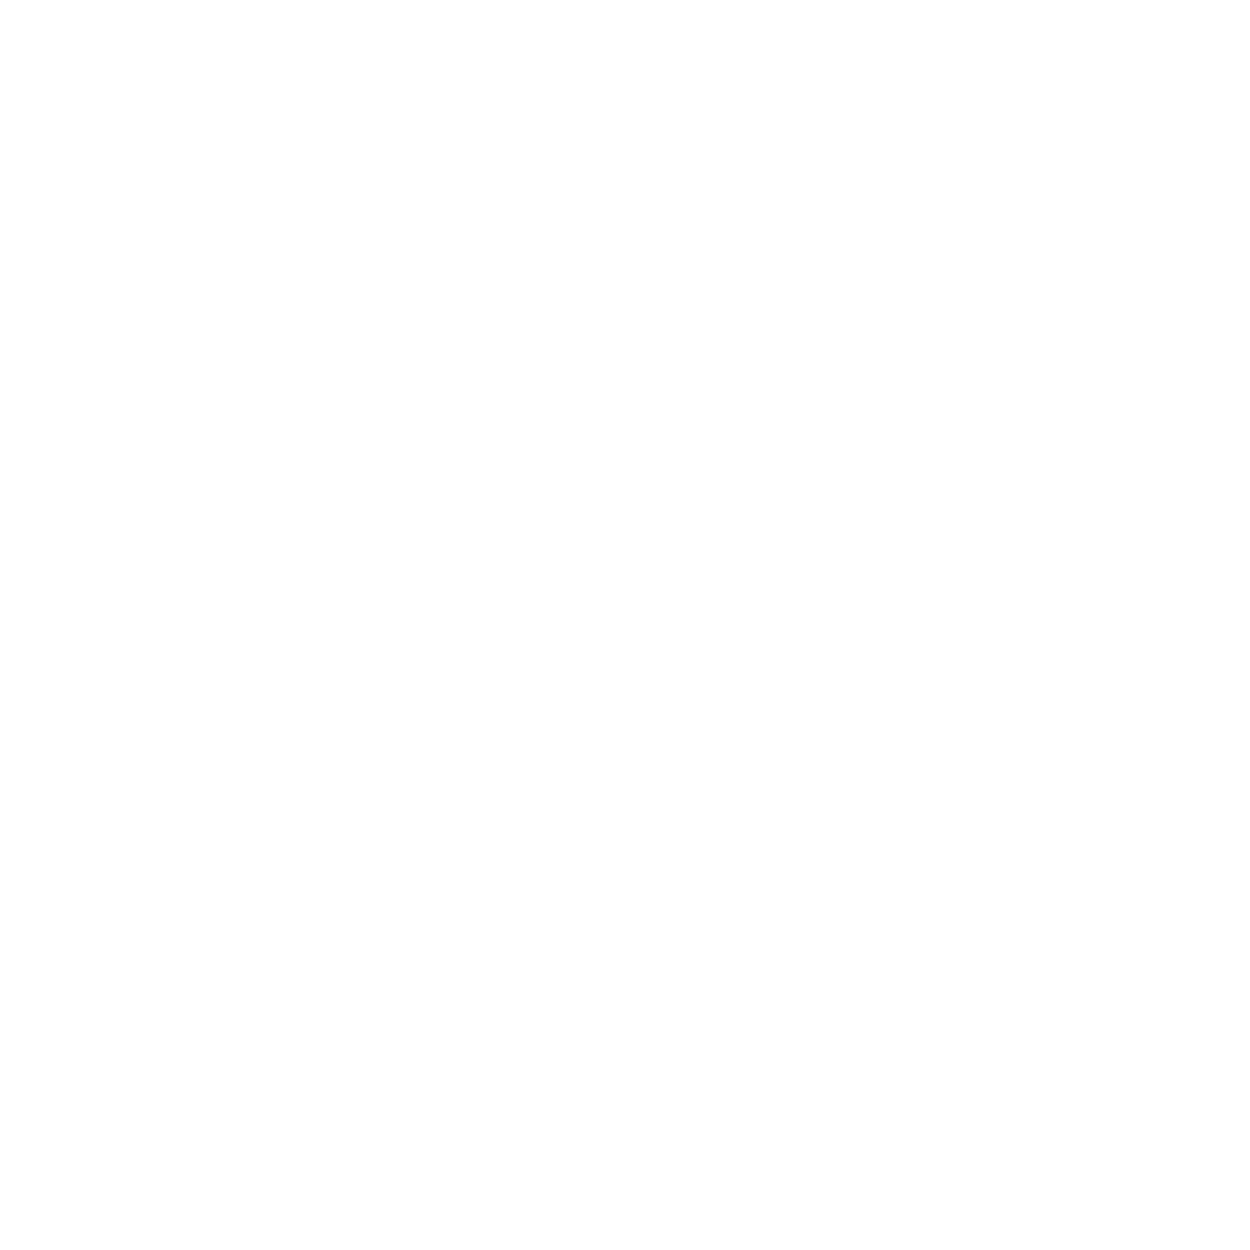 icone consultas